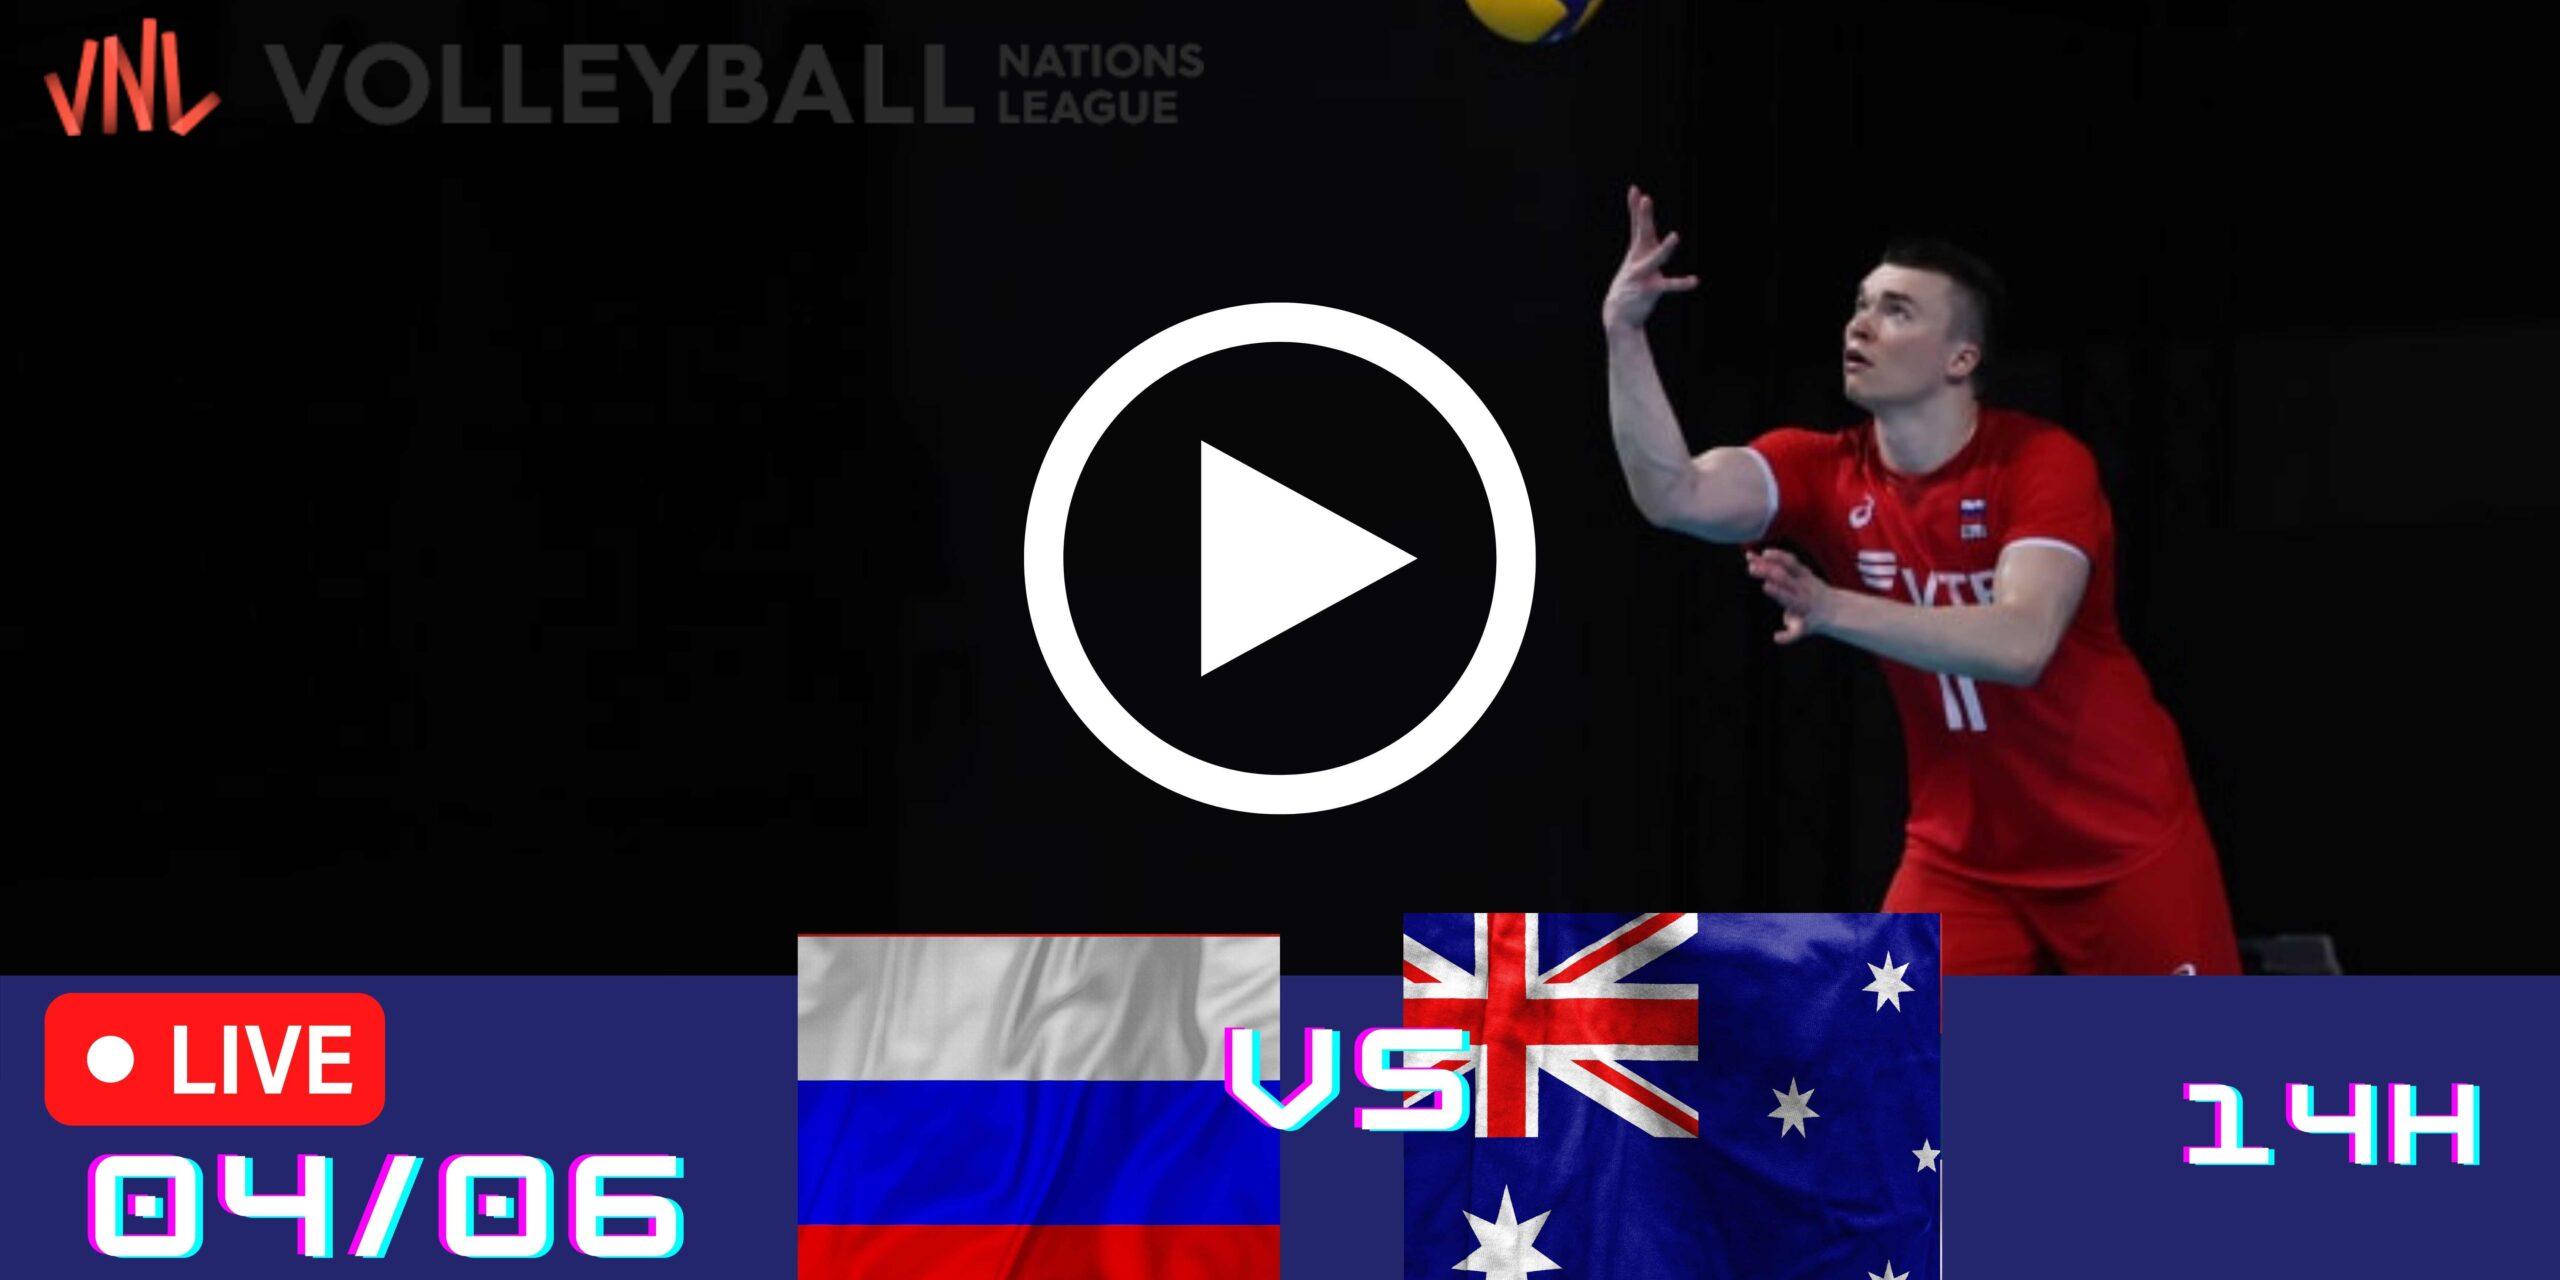 Resultado: Rússia 3 vs 0 Austrália – Liga das Nações – 04/06 – 14h30